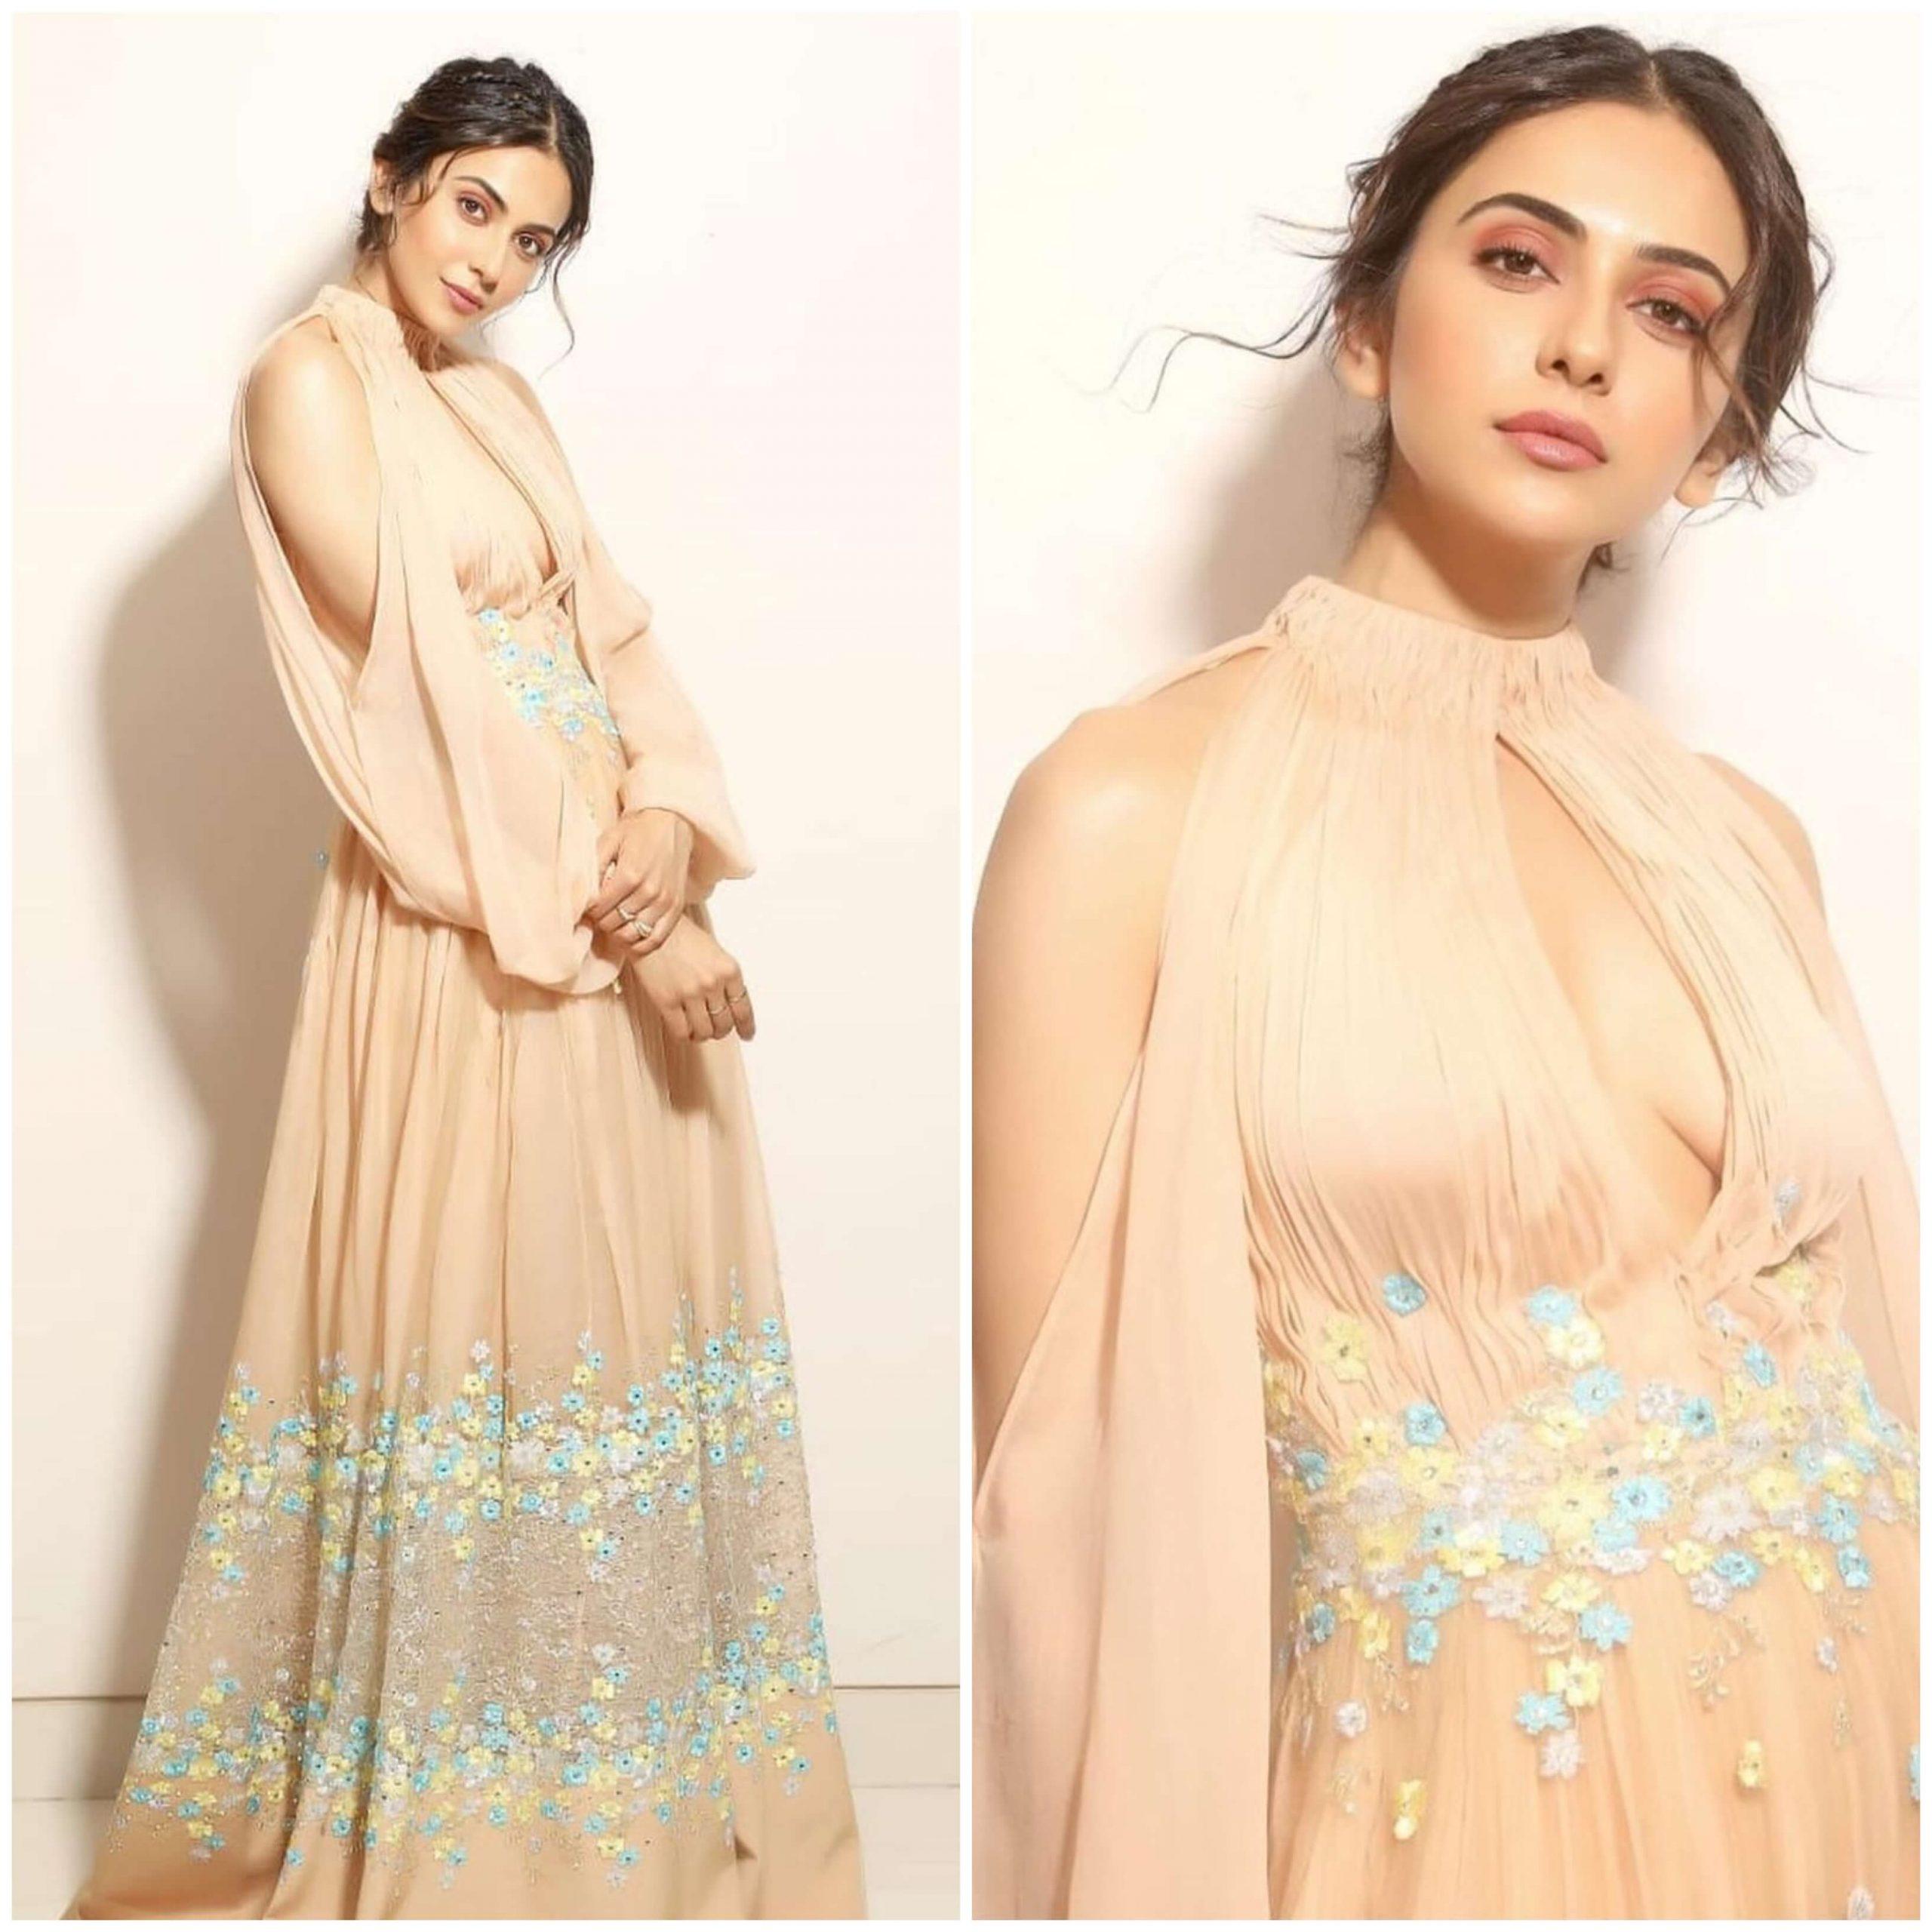 Rakul Singh classic pastel Beautiful Floral Print Designer Dress